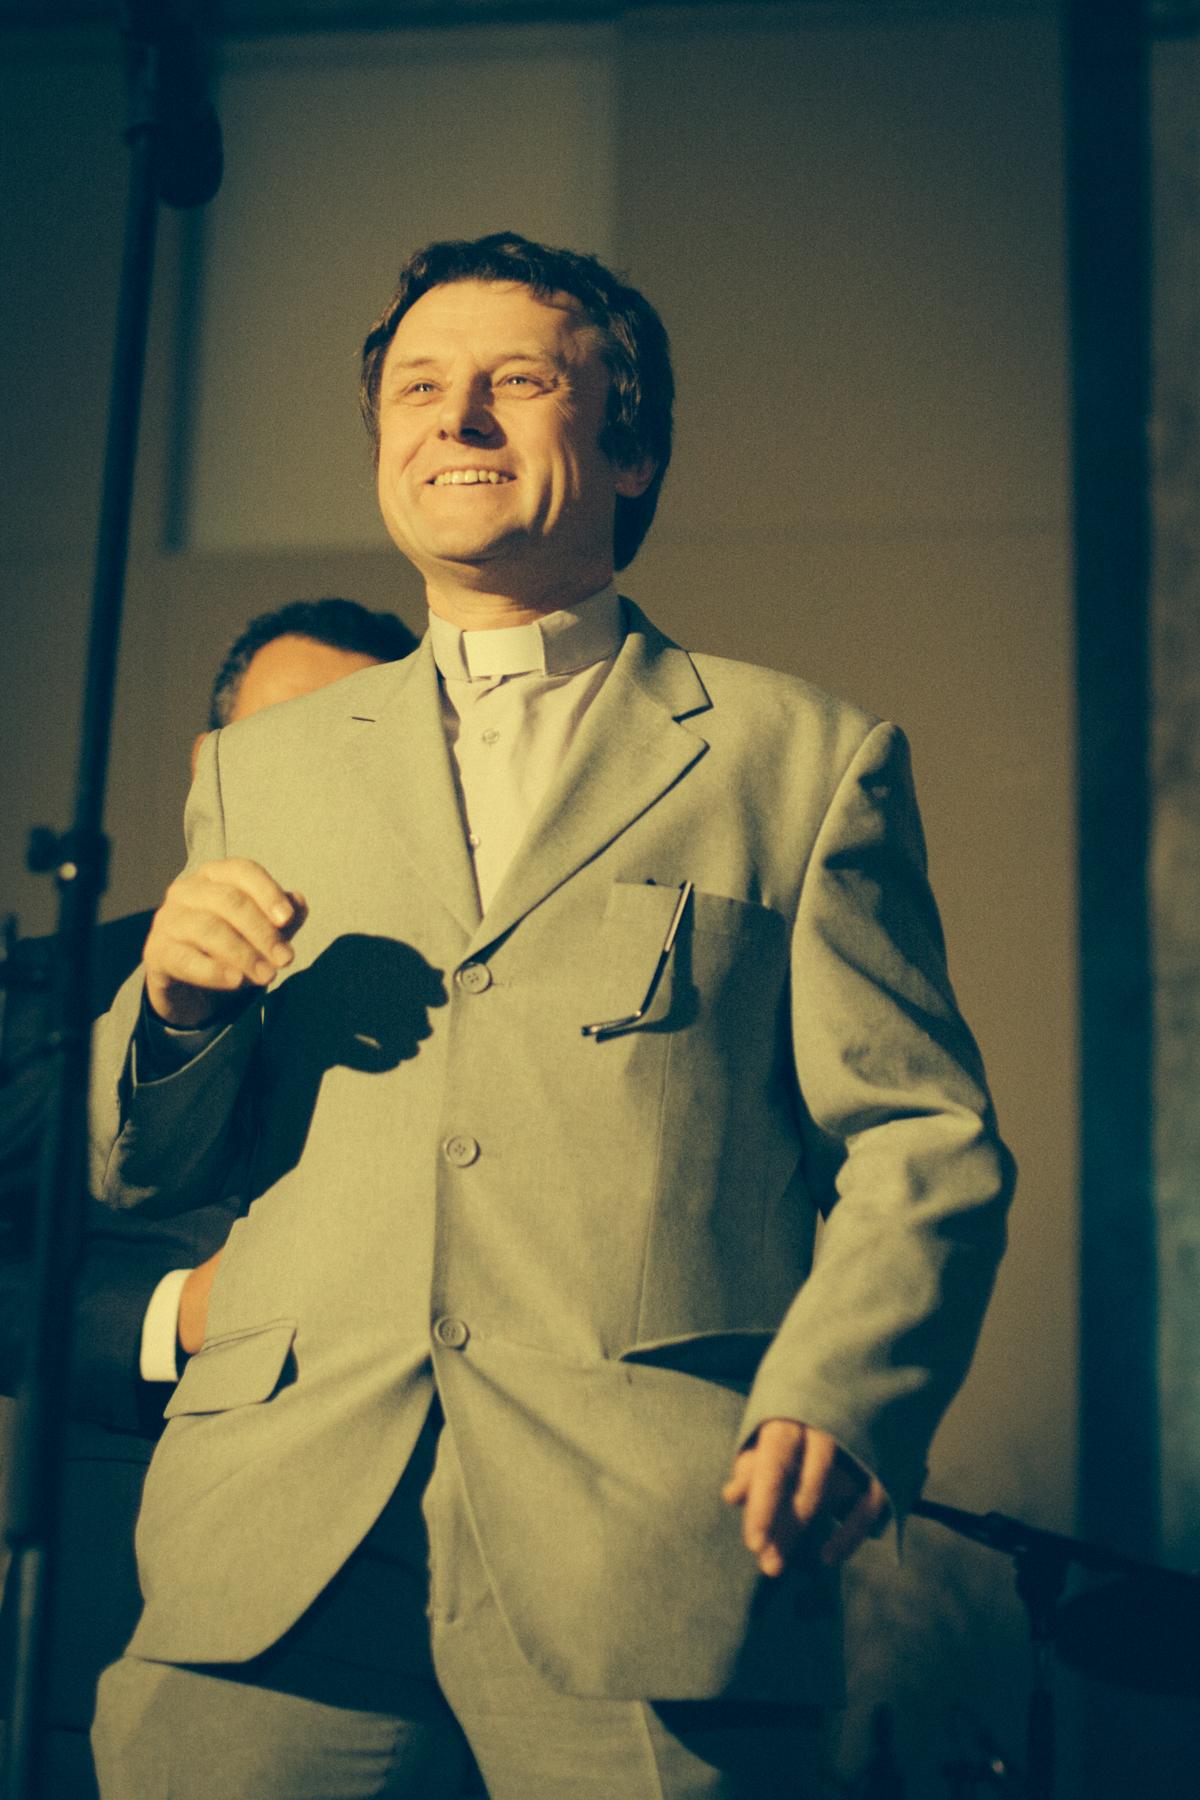 Ladislav Nádvorník, ředitel Salesiánského střediska Štěpána Trochty v Teplicích, oceněného v kategorii Společnost/firma.